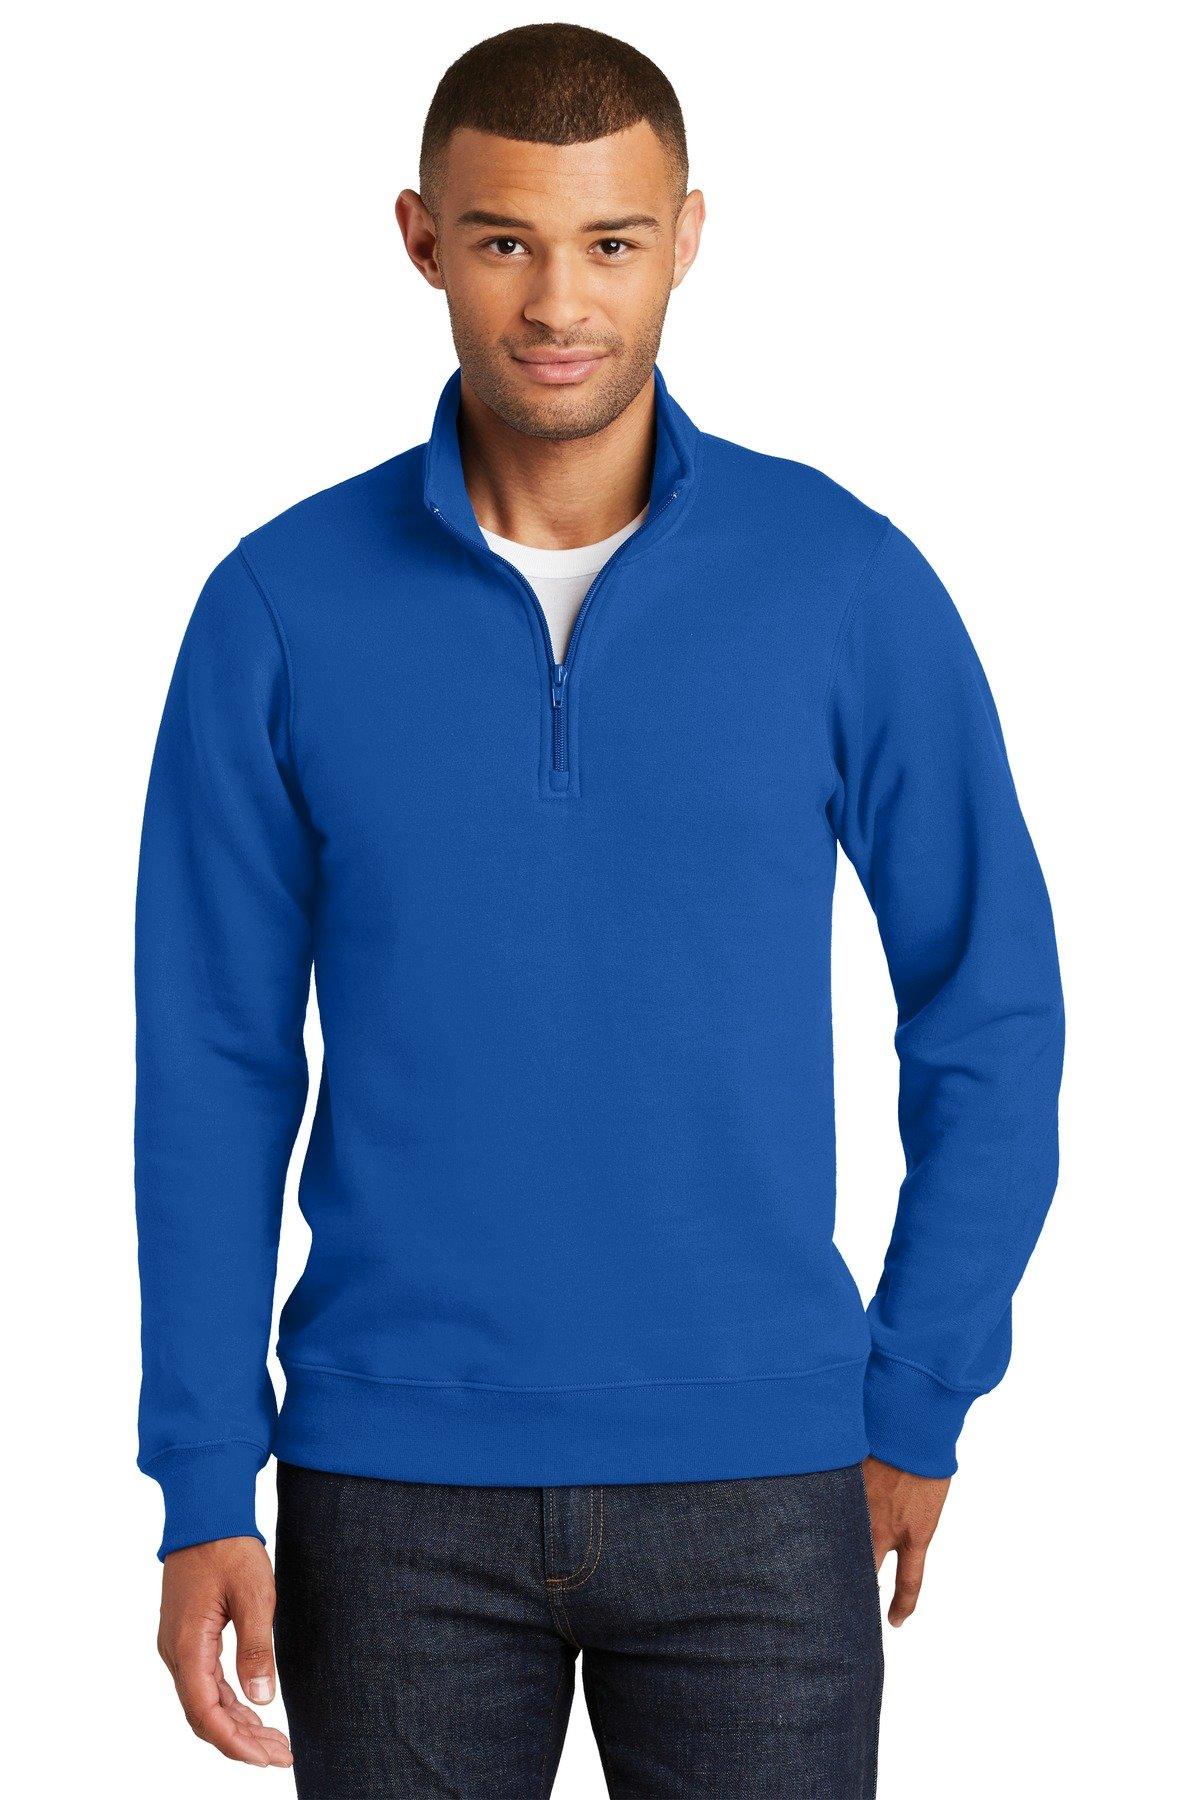 a6b8633f Port & Company Fan Favorite Fleece 1/4-Zip Pullover Sweatshirt PC850Q True  Royal